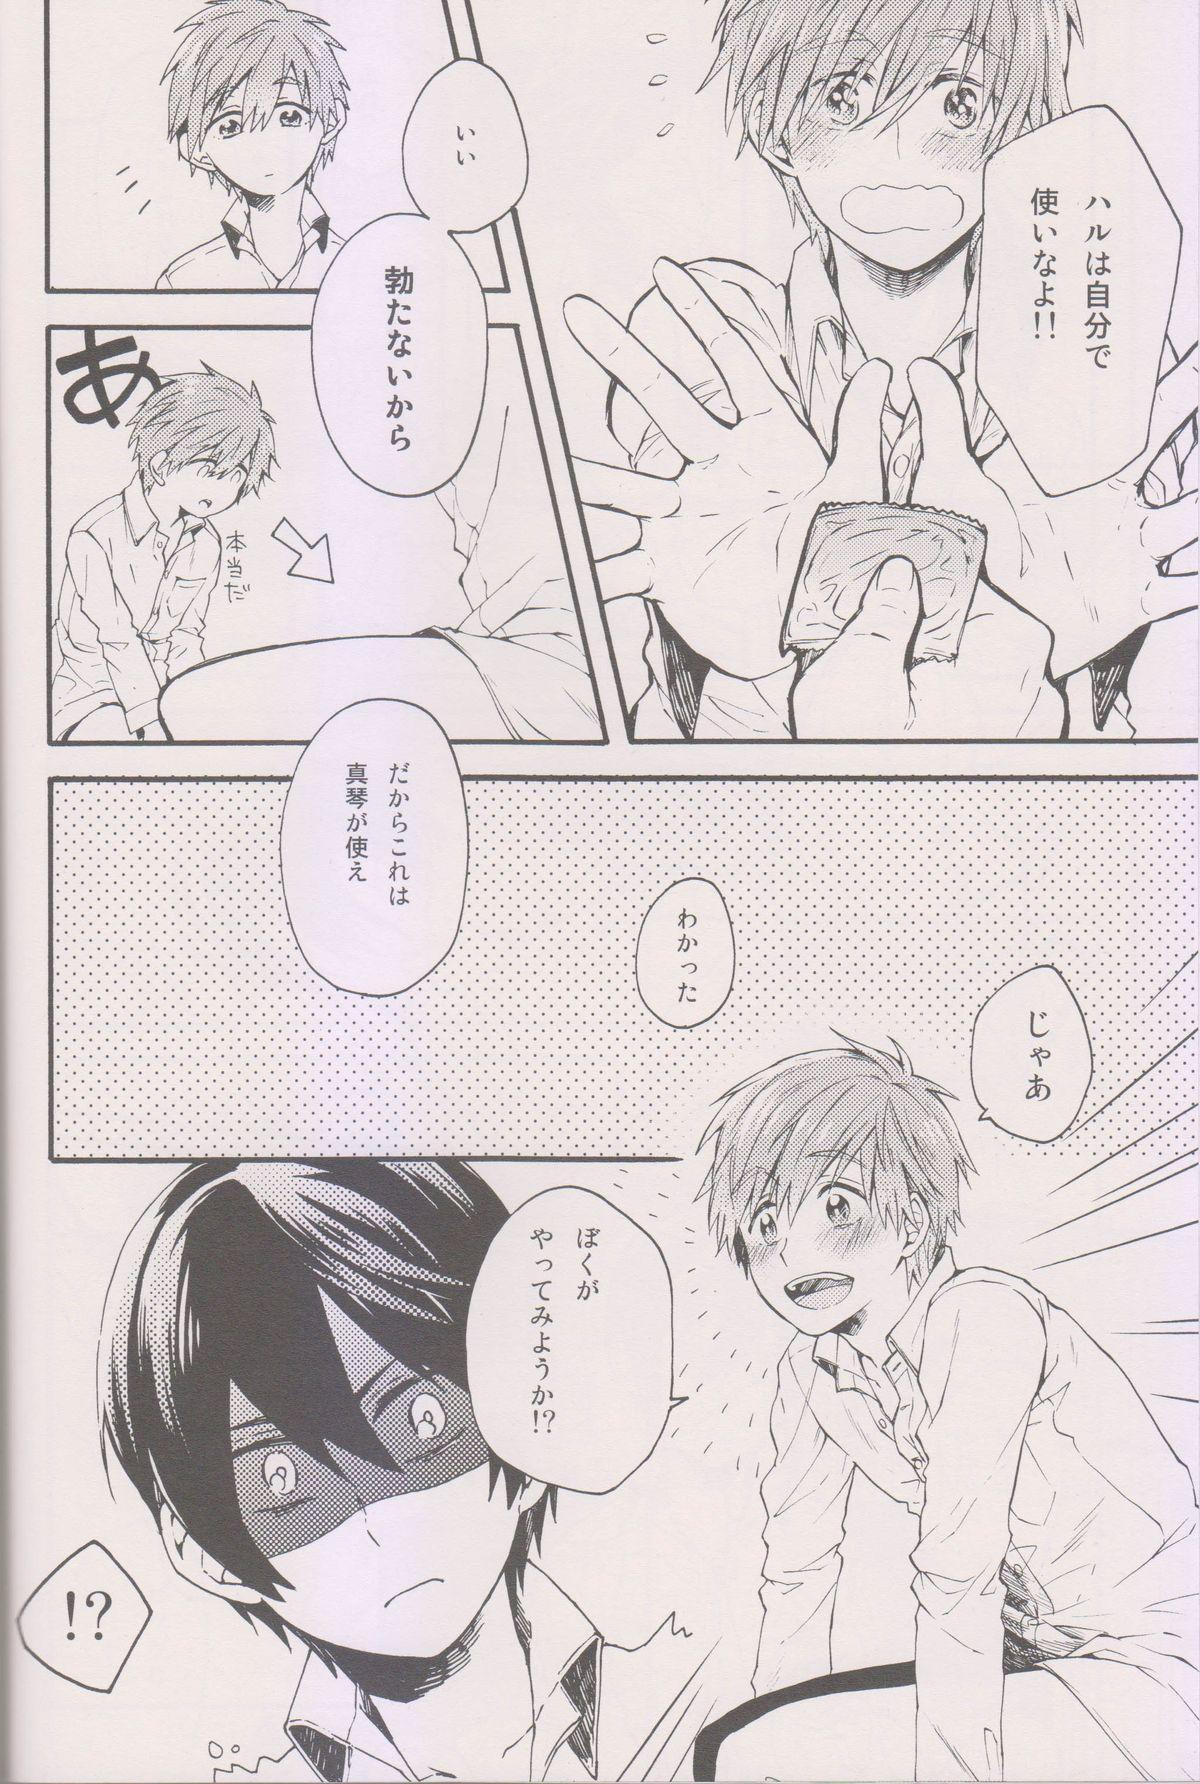 Hajimete no 16